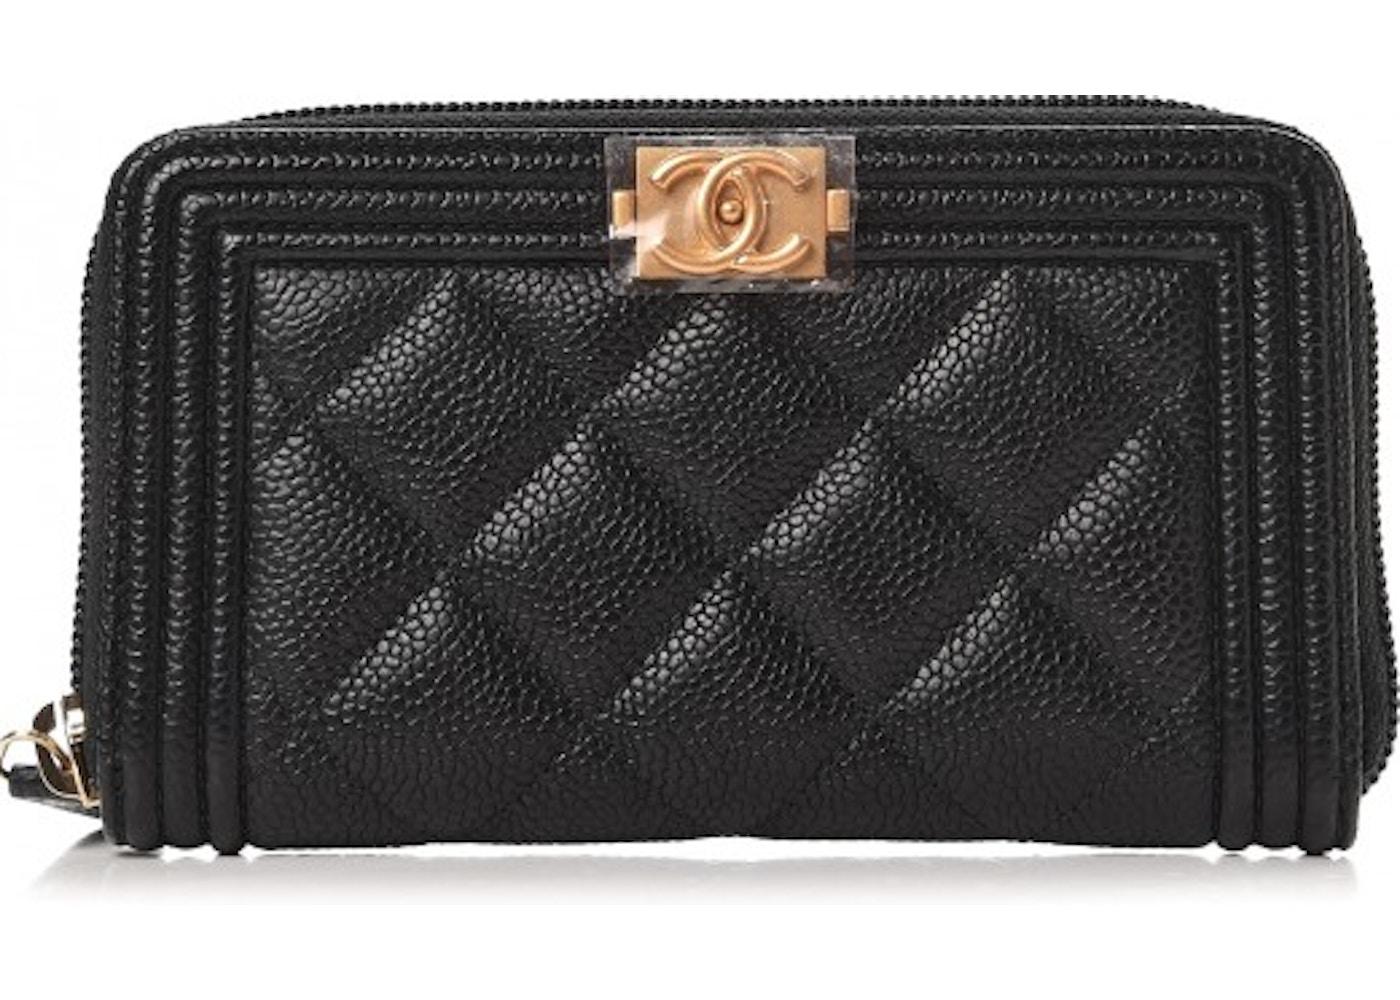 7dc6cc1fae0ae7 Chanel Boy Zip Around Wallet Quilted Diamond Small Black. Quilted Diamond  Small Black